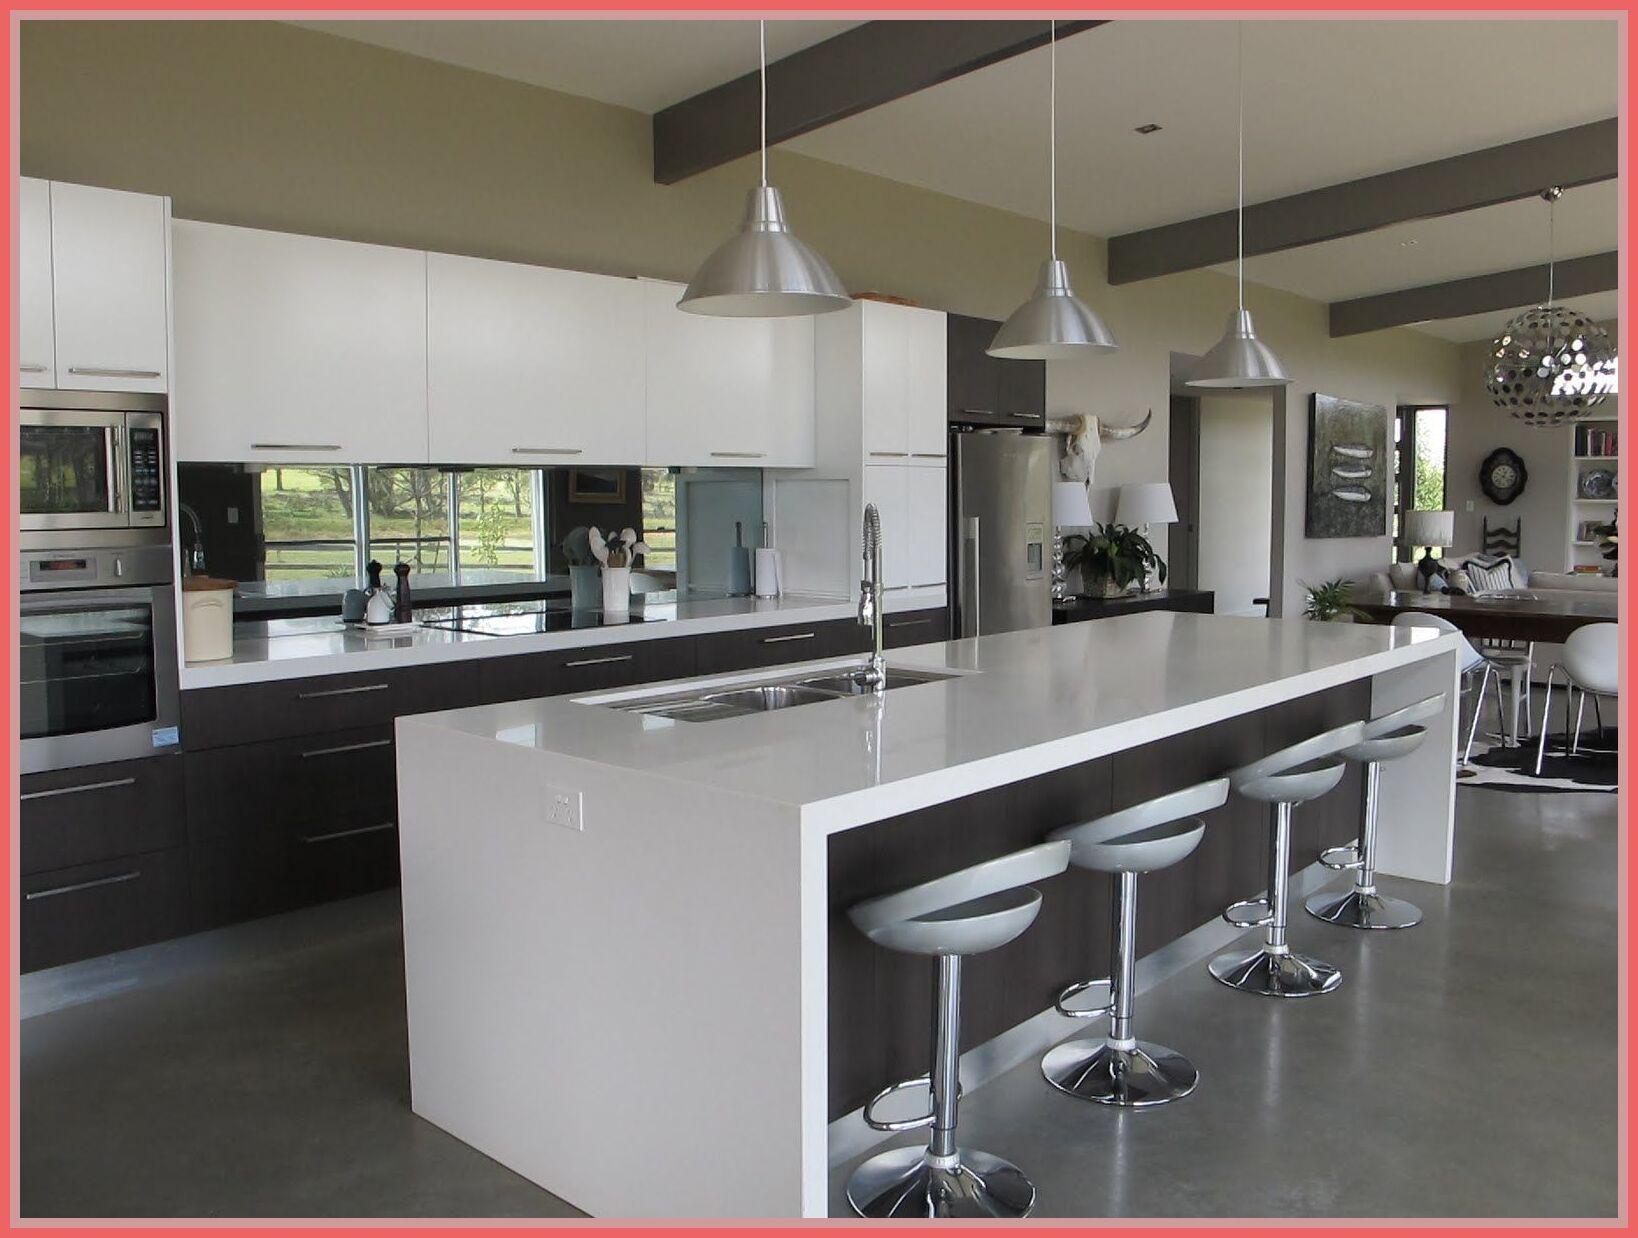 79 Reference Of Kitchen Island Bench Designs Australia In 2020 Modern Kitchen Design Modern Kitchen Island Modern Kitchen